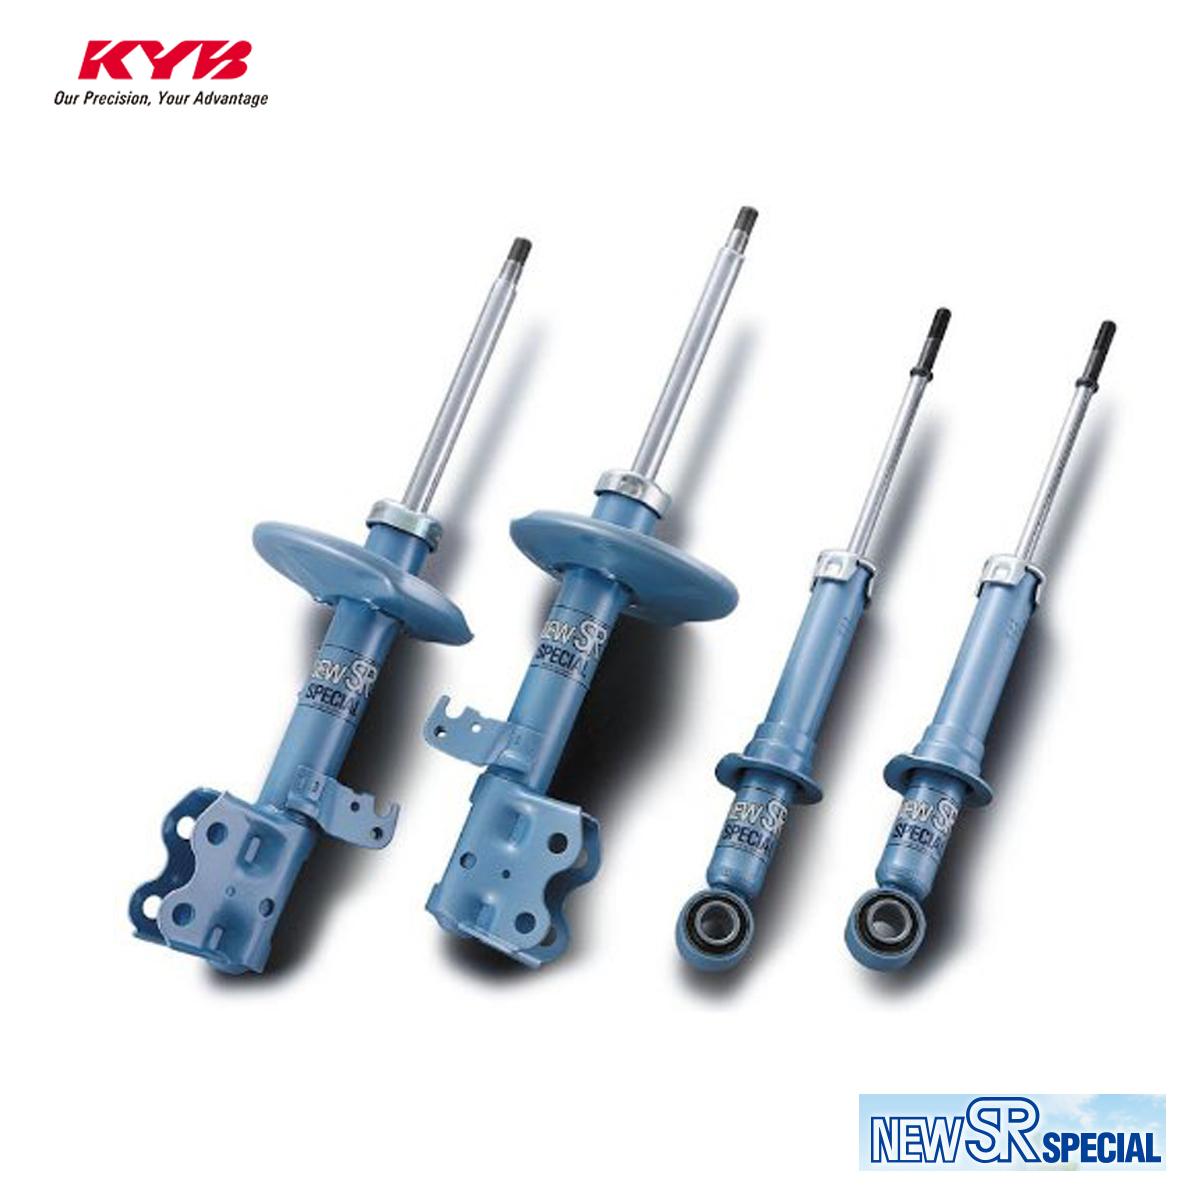 KYB カヤバ イスト NCP115 ショックアブソーバー フロント 右用 1本 NEW SR SPECIAL NST5395R 配送先条件有り